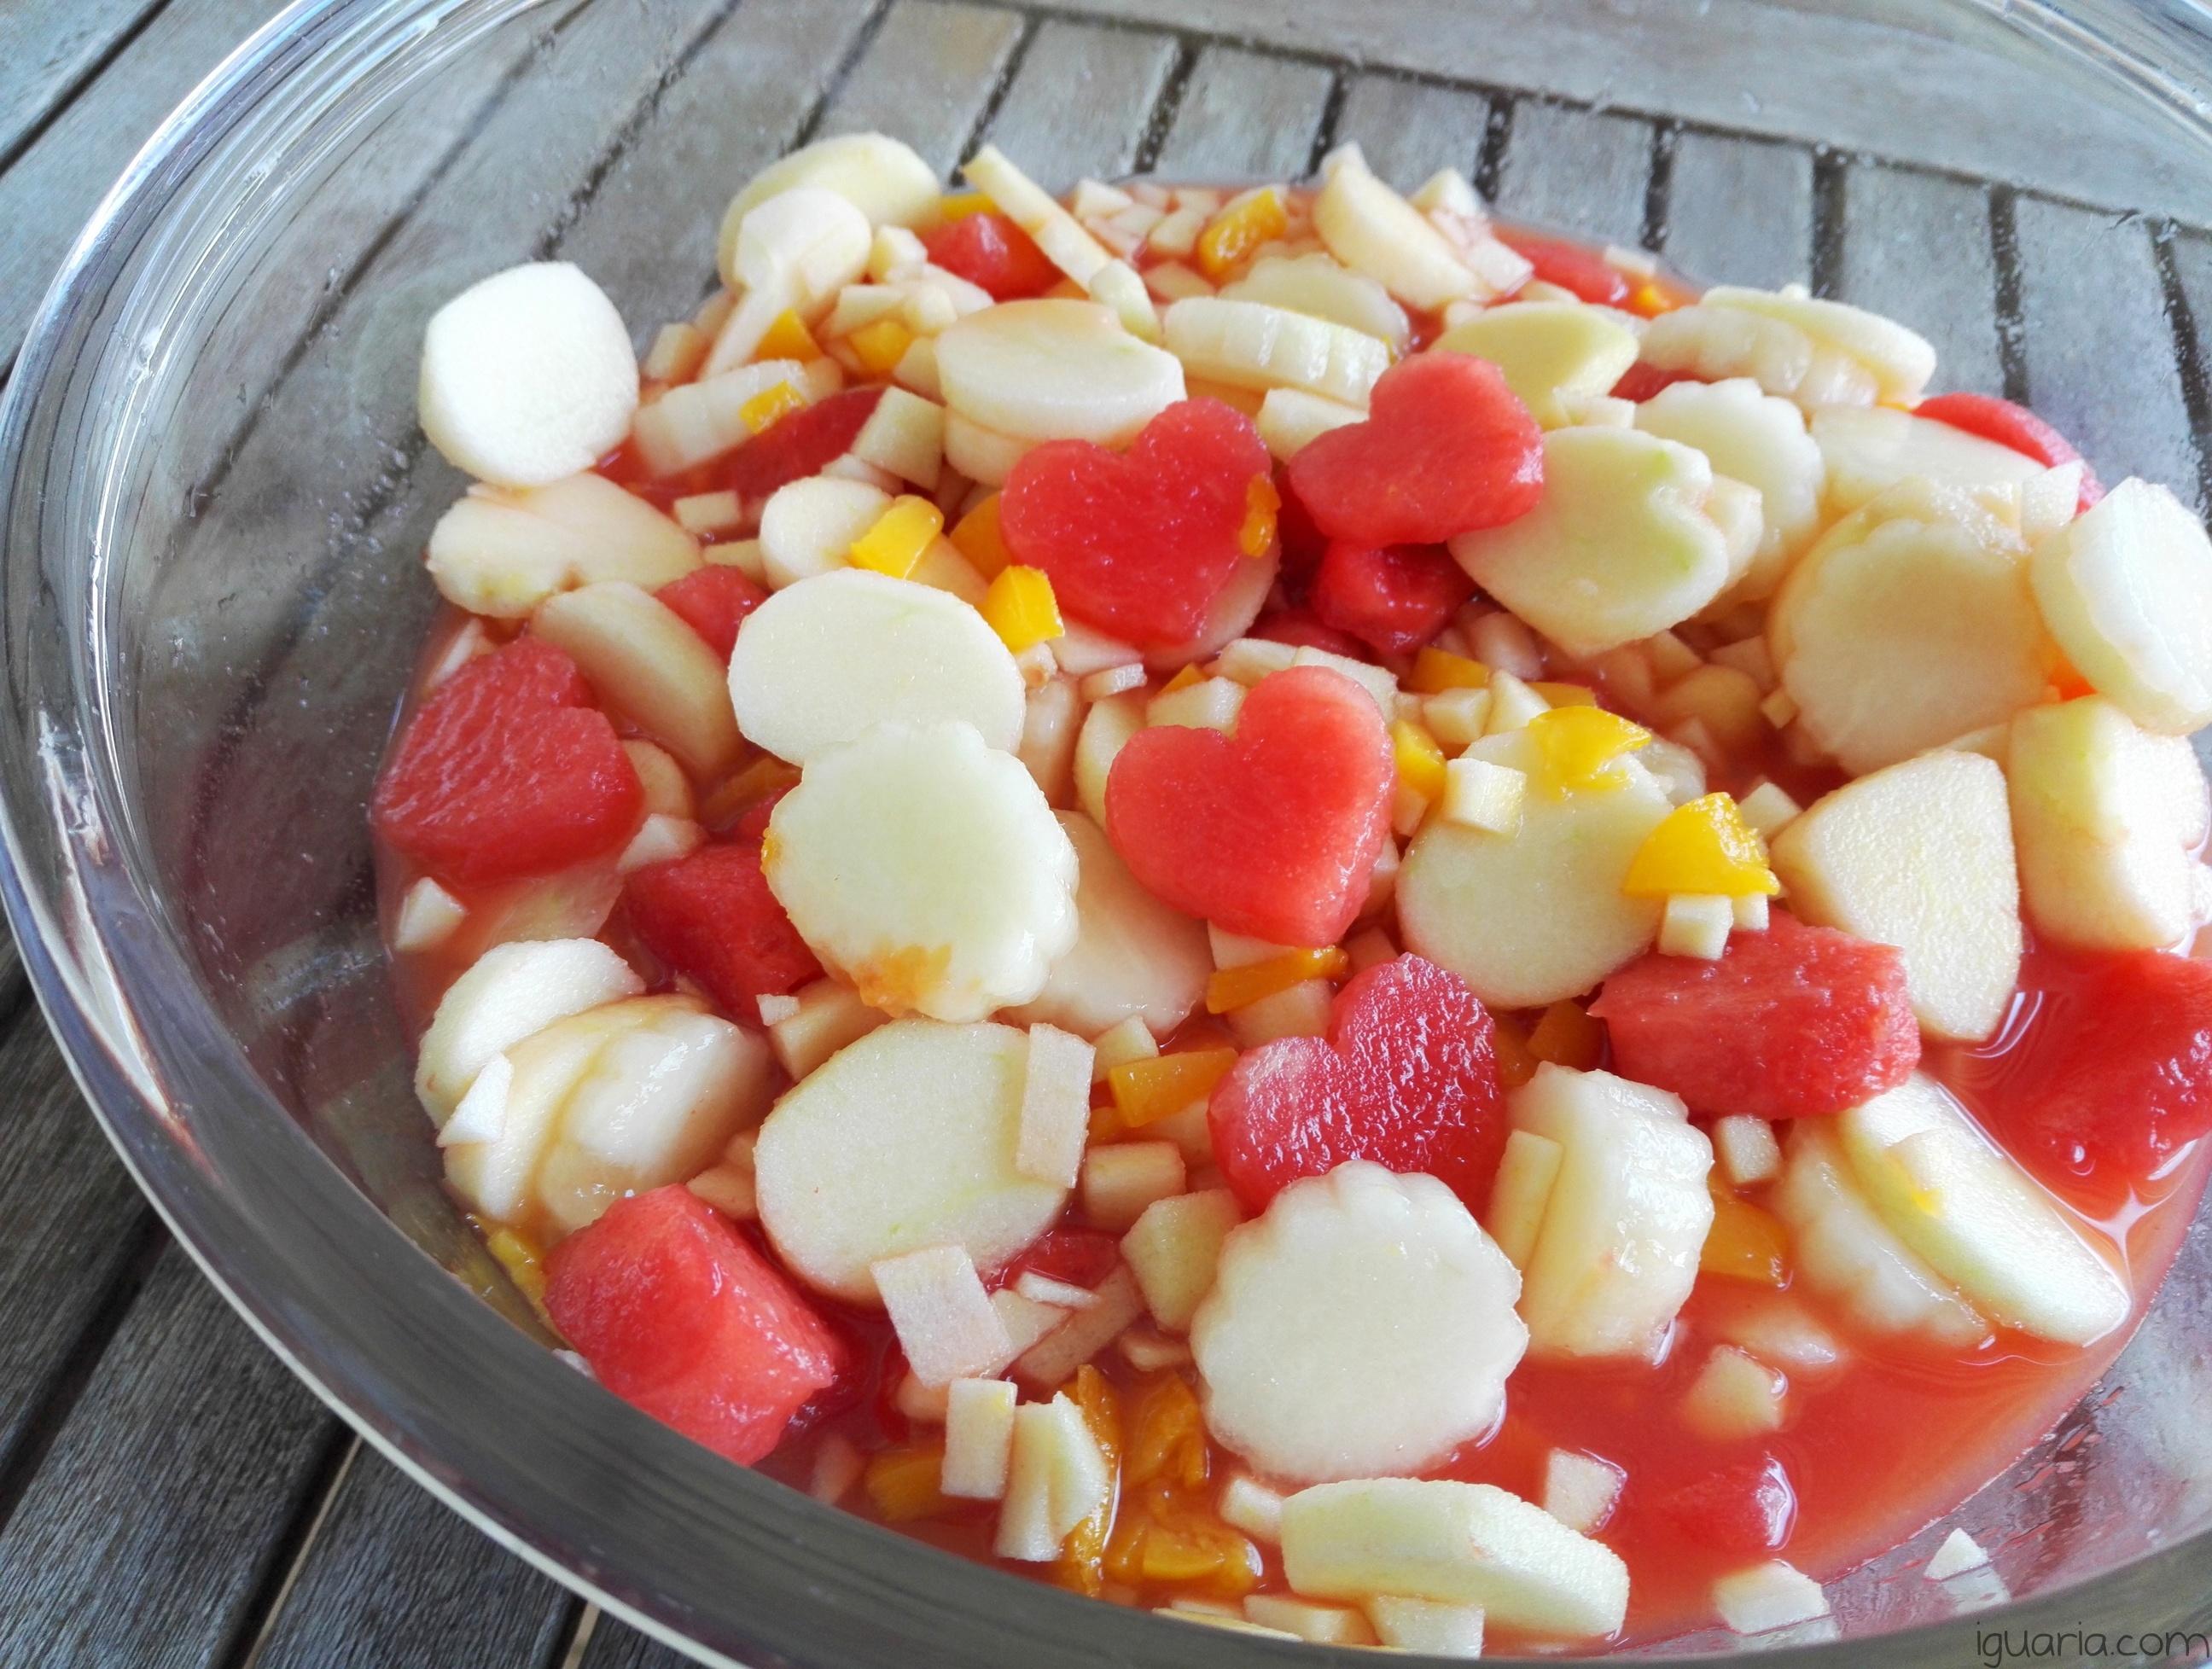 iguaria-salada-de-frutas-coracoes